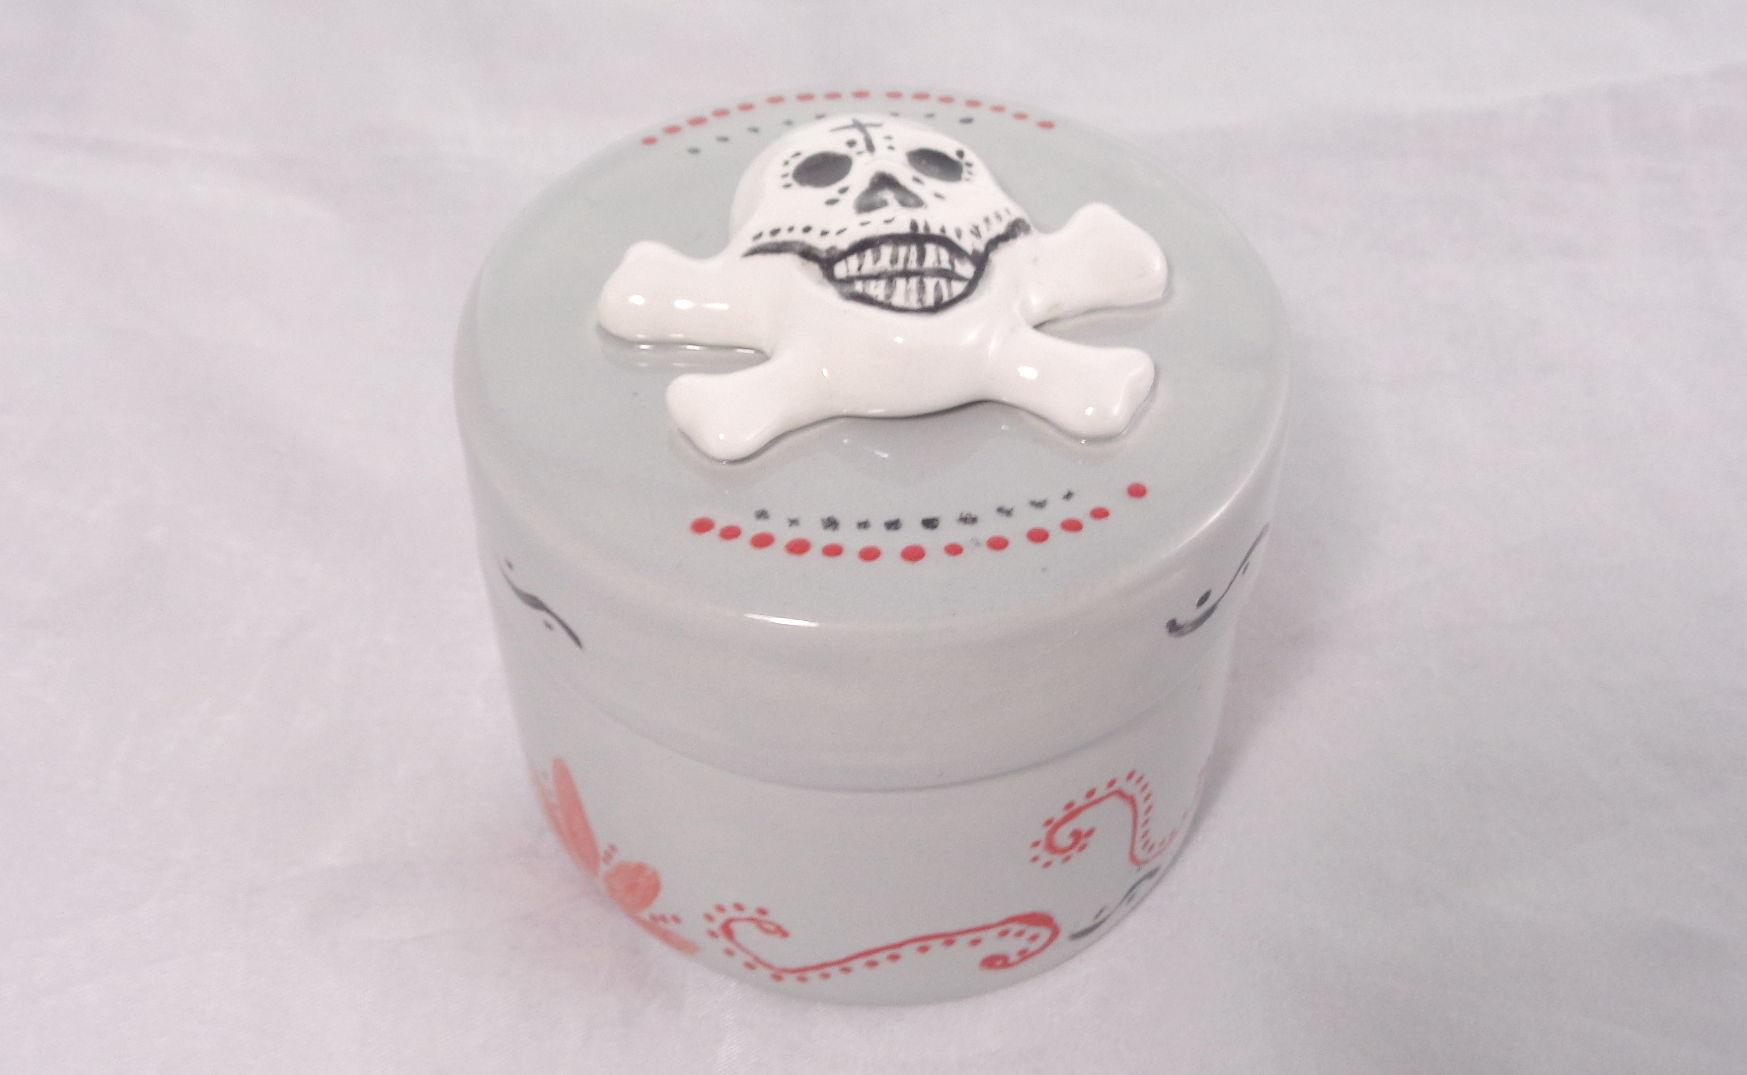 Bemalte Keramik runde Skull-Dose